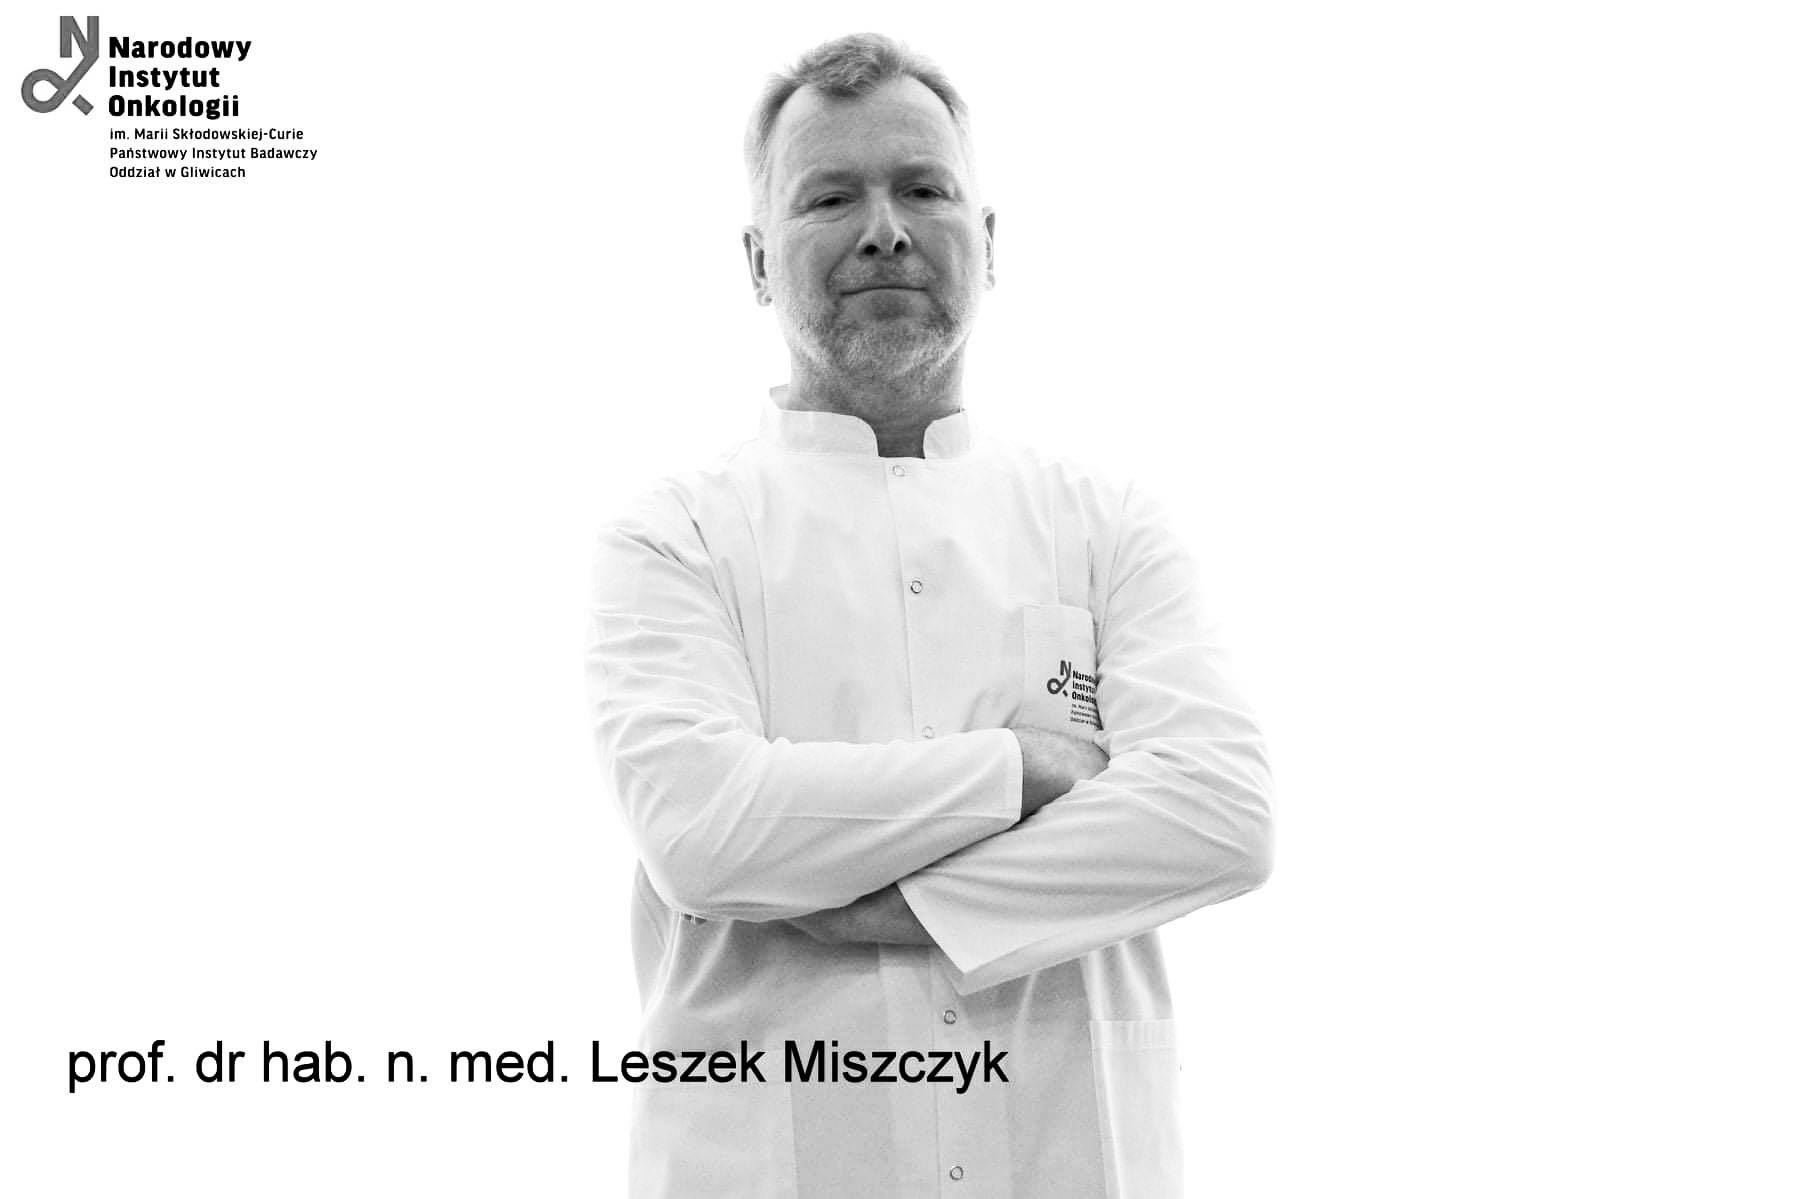 Prof. Leszek Miszczyk